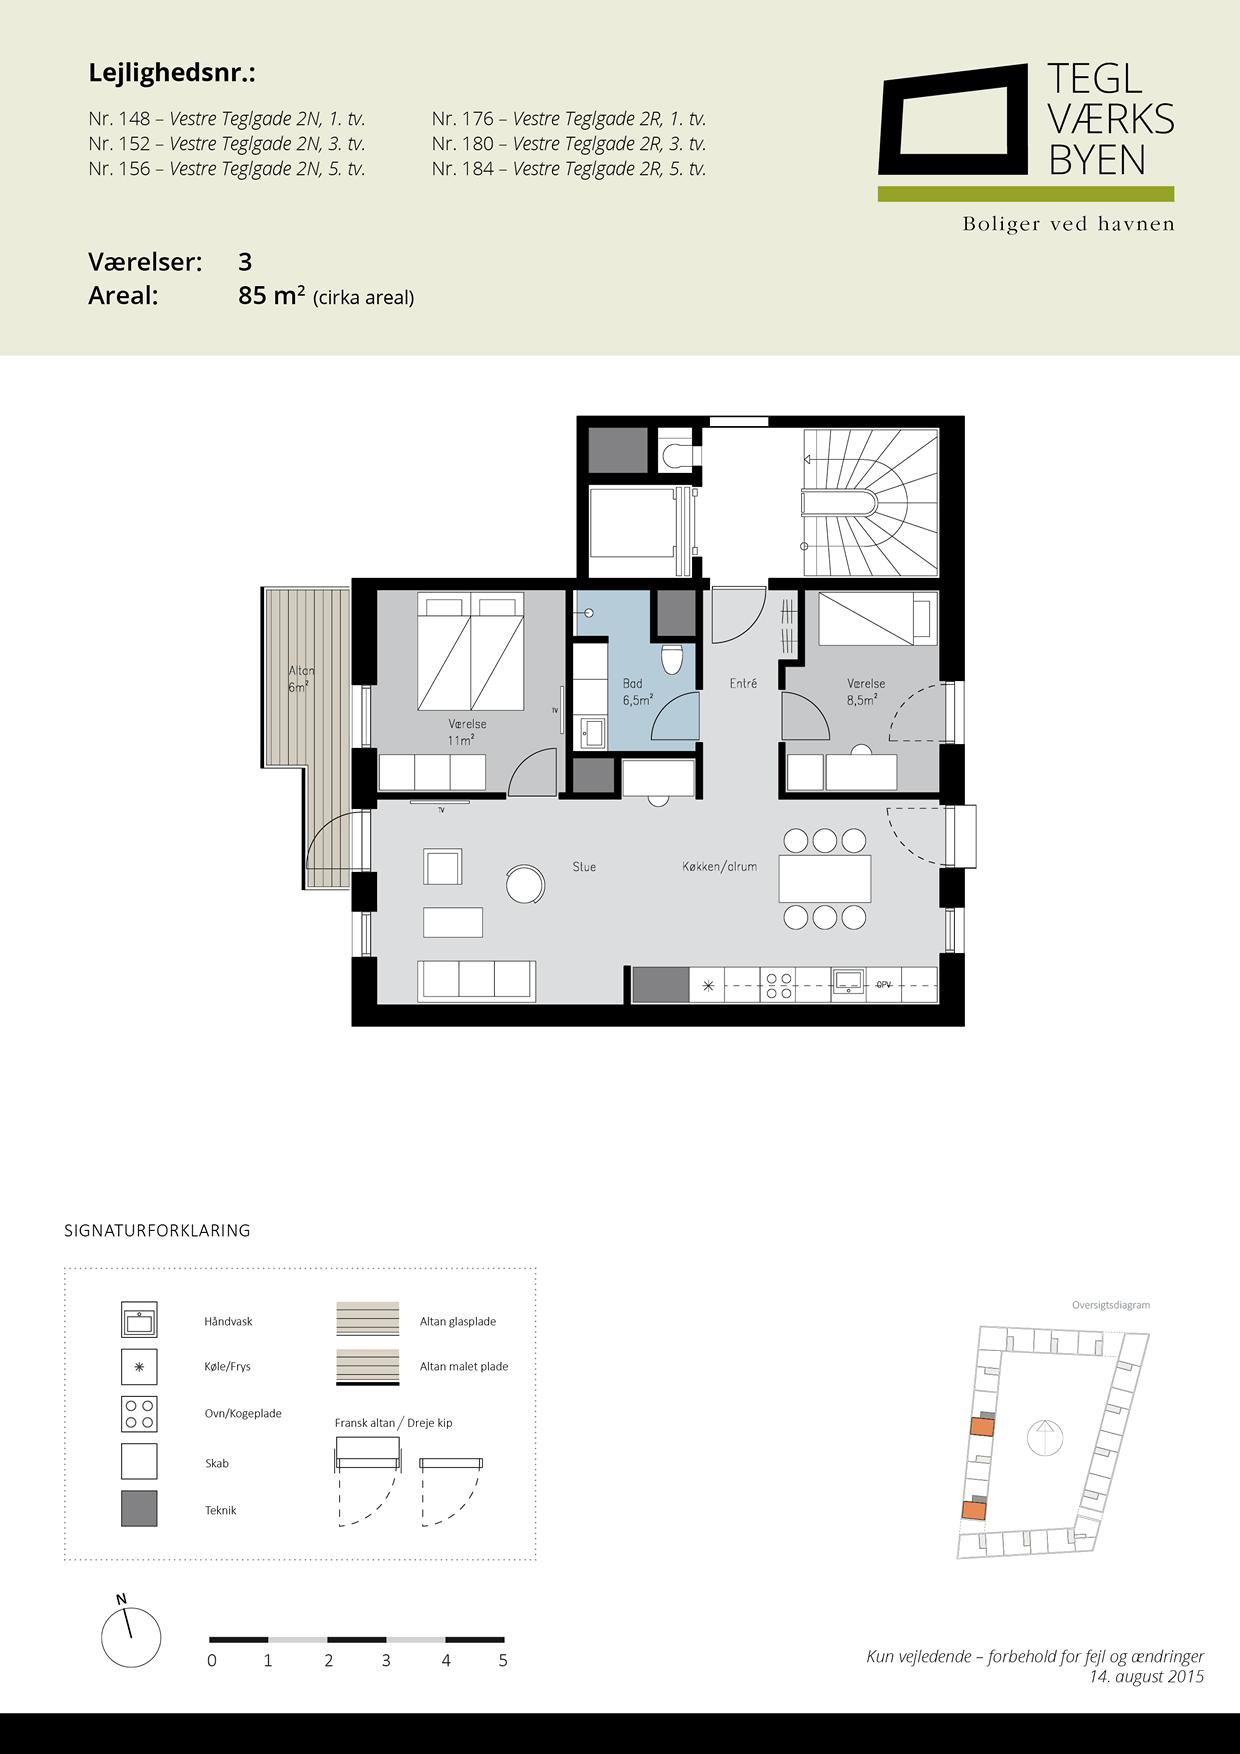 Teglvaerksbyen_148-152-156-176-180-184_plan